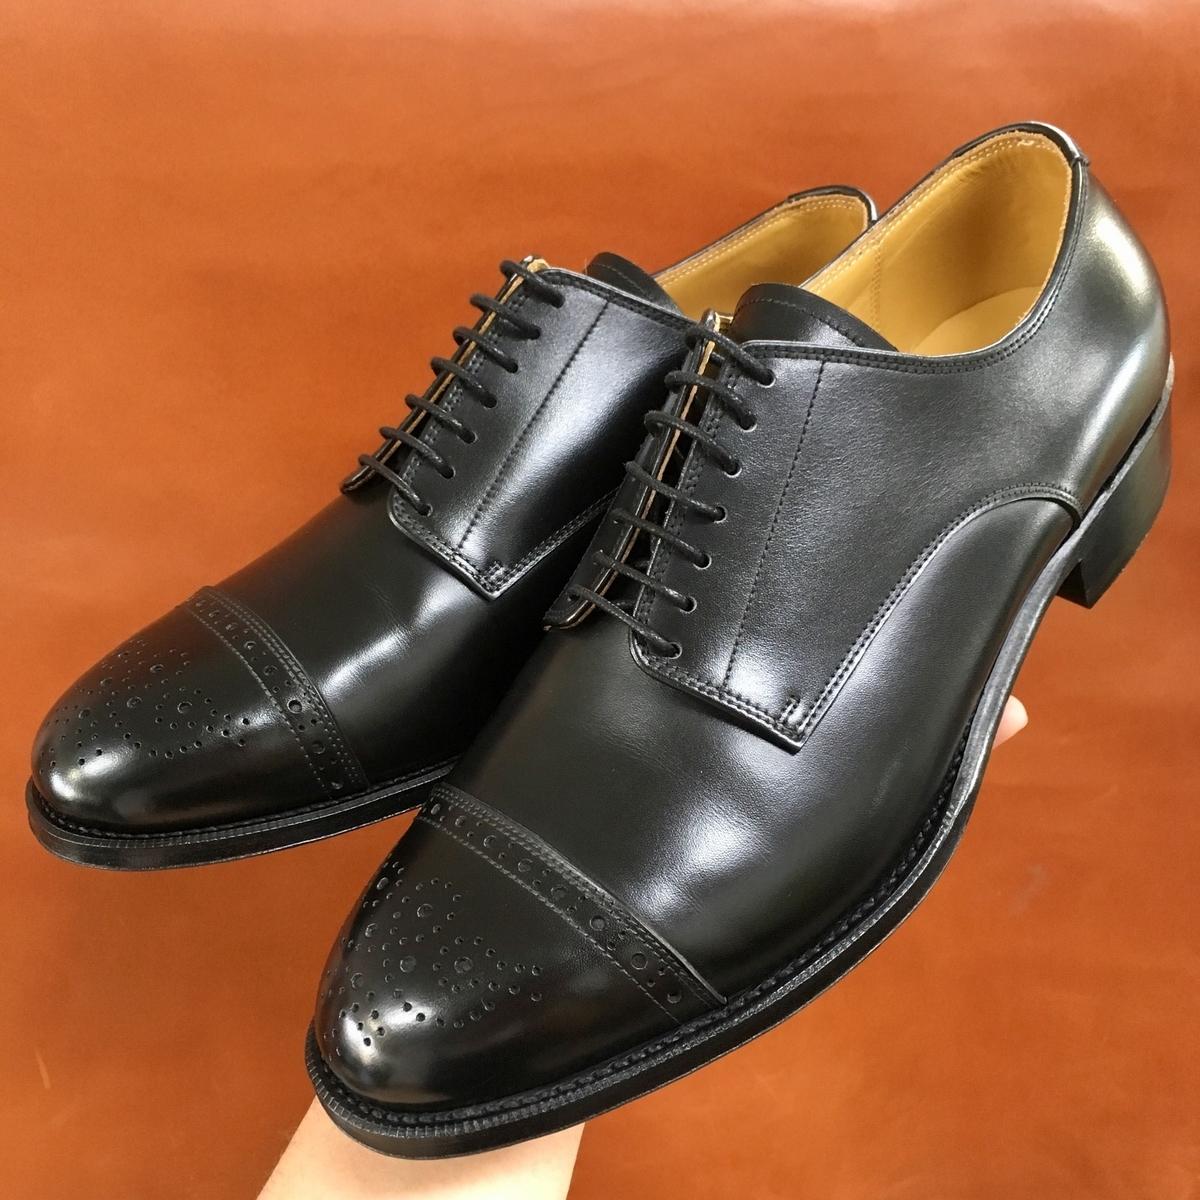 f:id:raymar-shoes:20190517172327j:plain